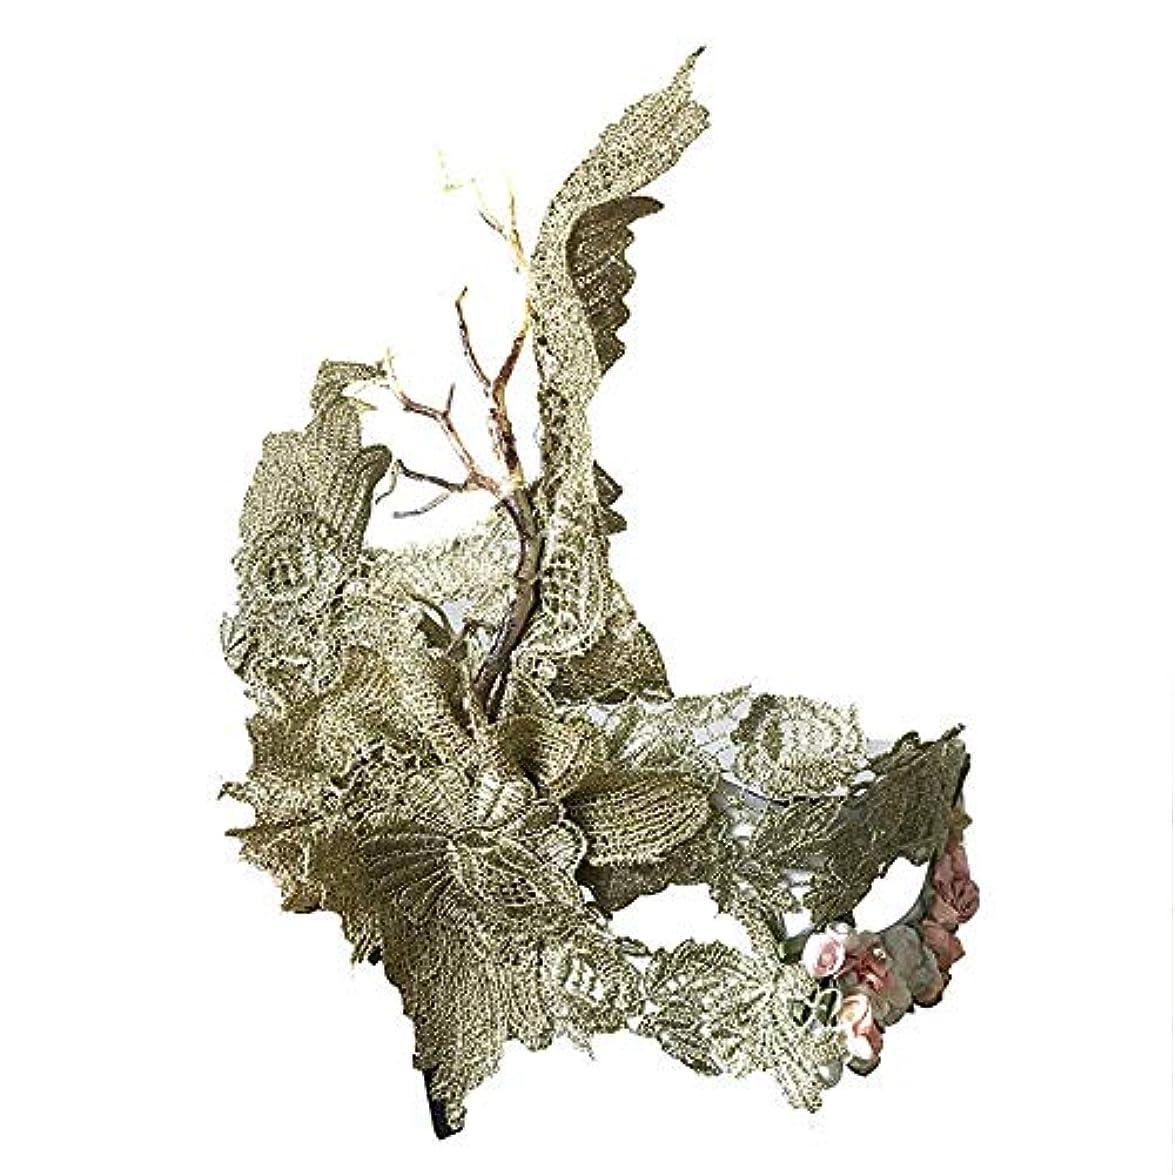 配管休みインサートNanle ハロウィーン手刺繍乾燥ブランチマスク仮装マスクレディミスプリンセス美容祭パーティー装飾マスク